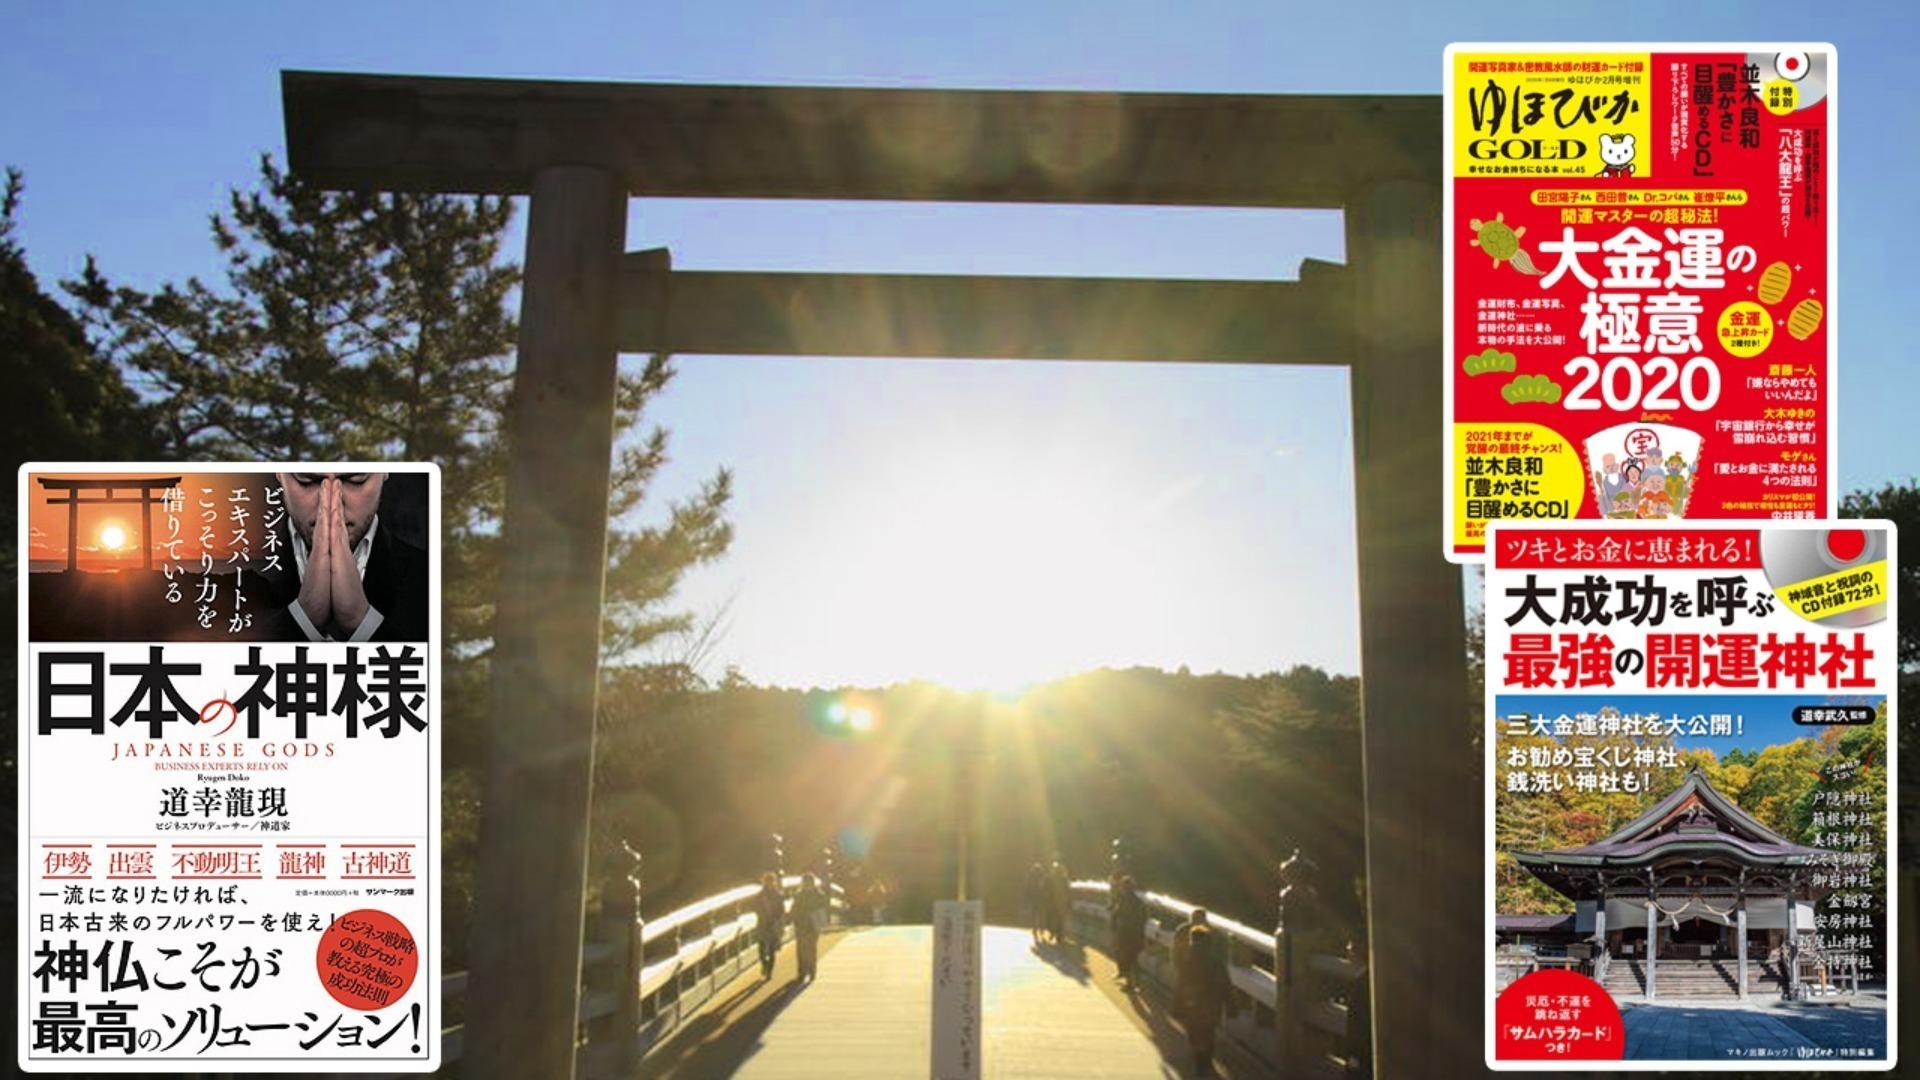 21.9.4【神道編】第43回 神舞をプロデュース